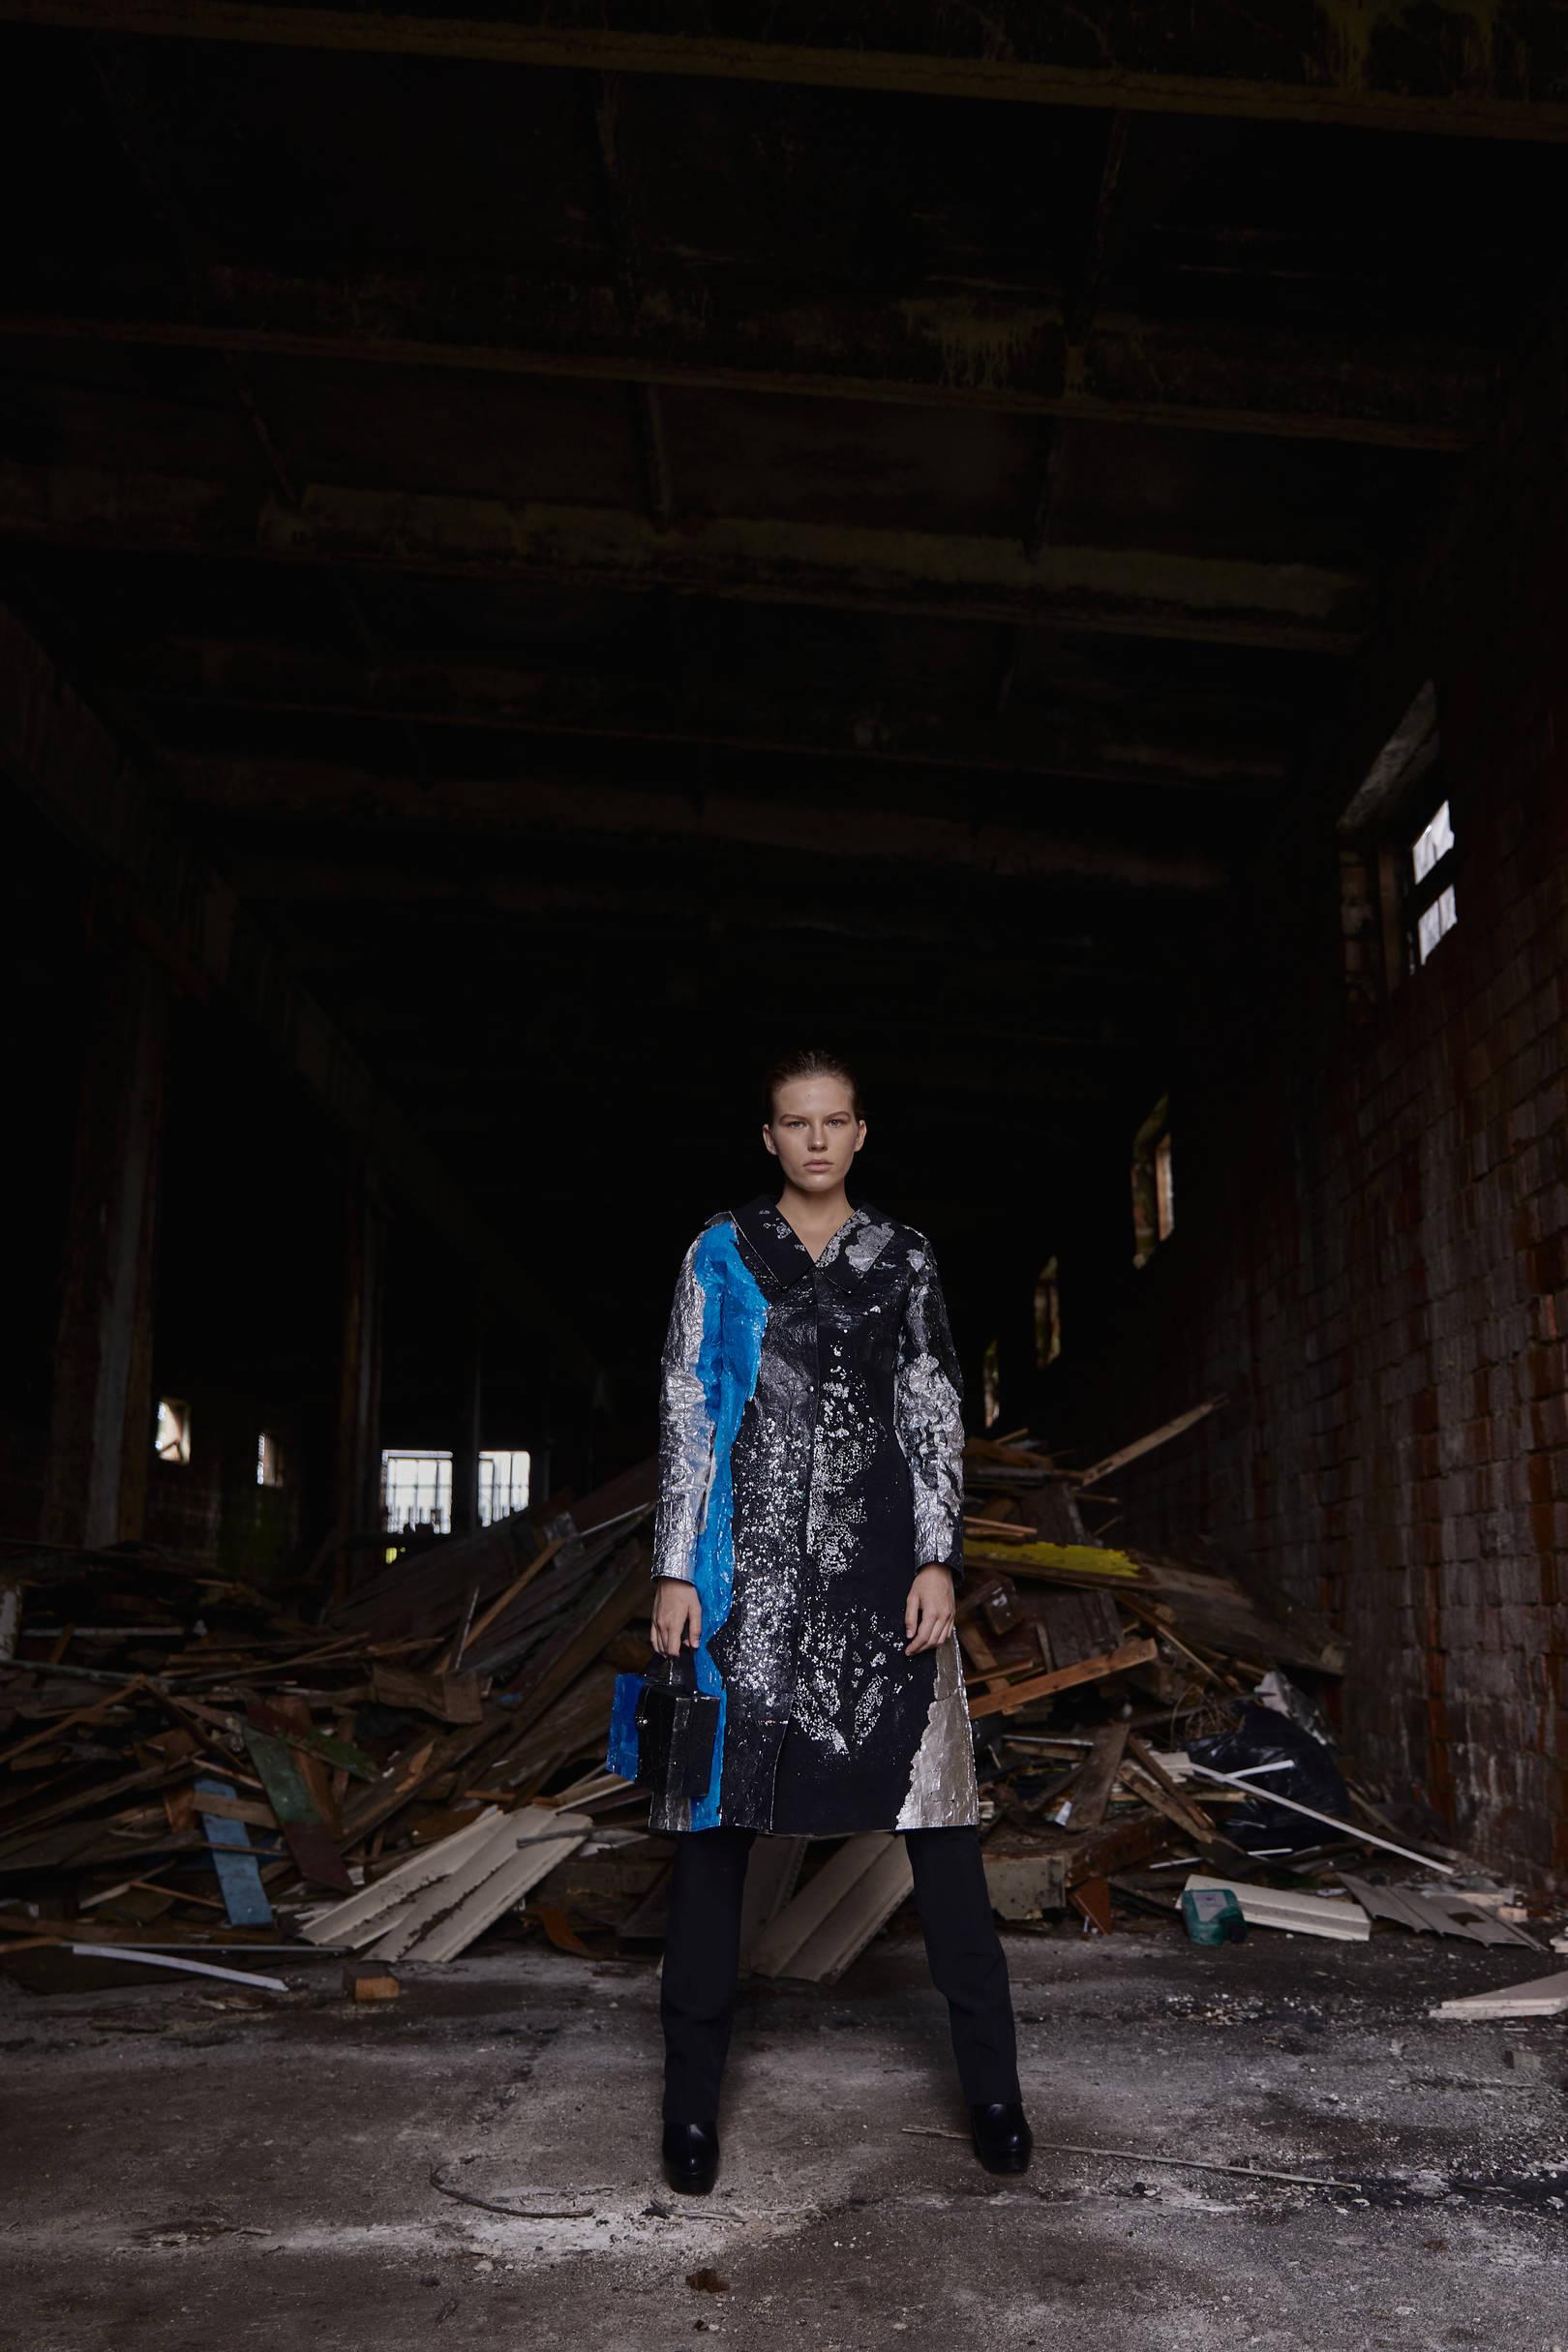 """Коллекция """" С любовью..Plastikoff"""",2020 Предметом моего исследования стало исследование формообразующих свойств пластика и возможности его адаптации под текстильную основу. Данная коллекция является экспериментом в области горячего  ручного прессования. Все модели одежды выполнены в разных техниках с использованием таких материалов как пластик и фольга."""